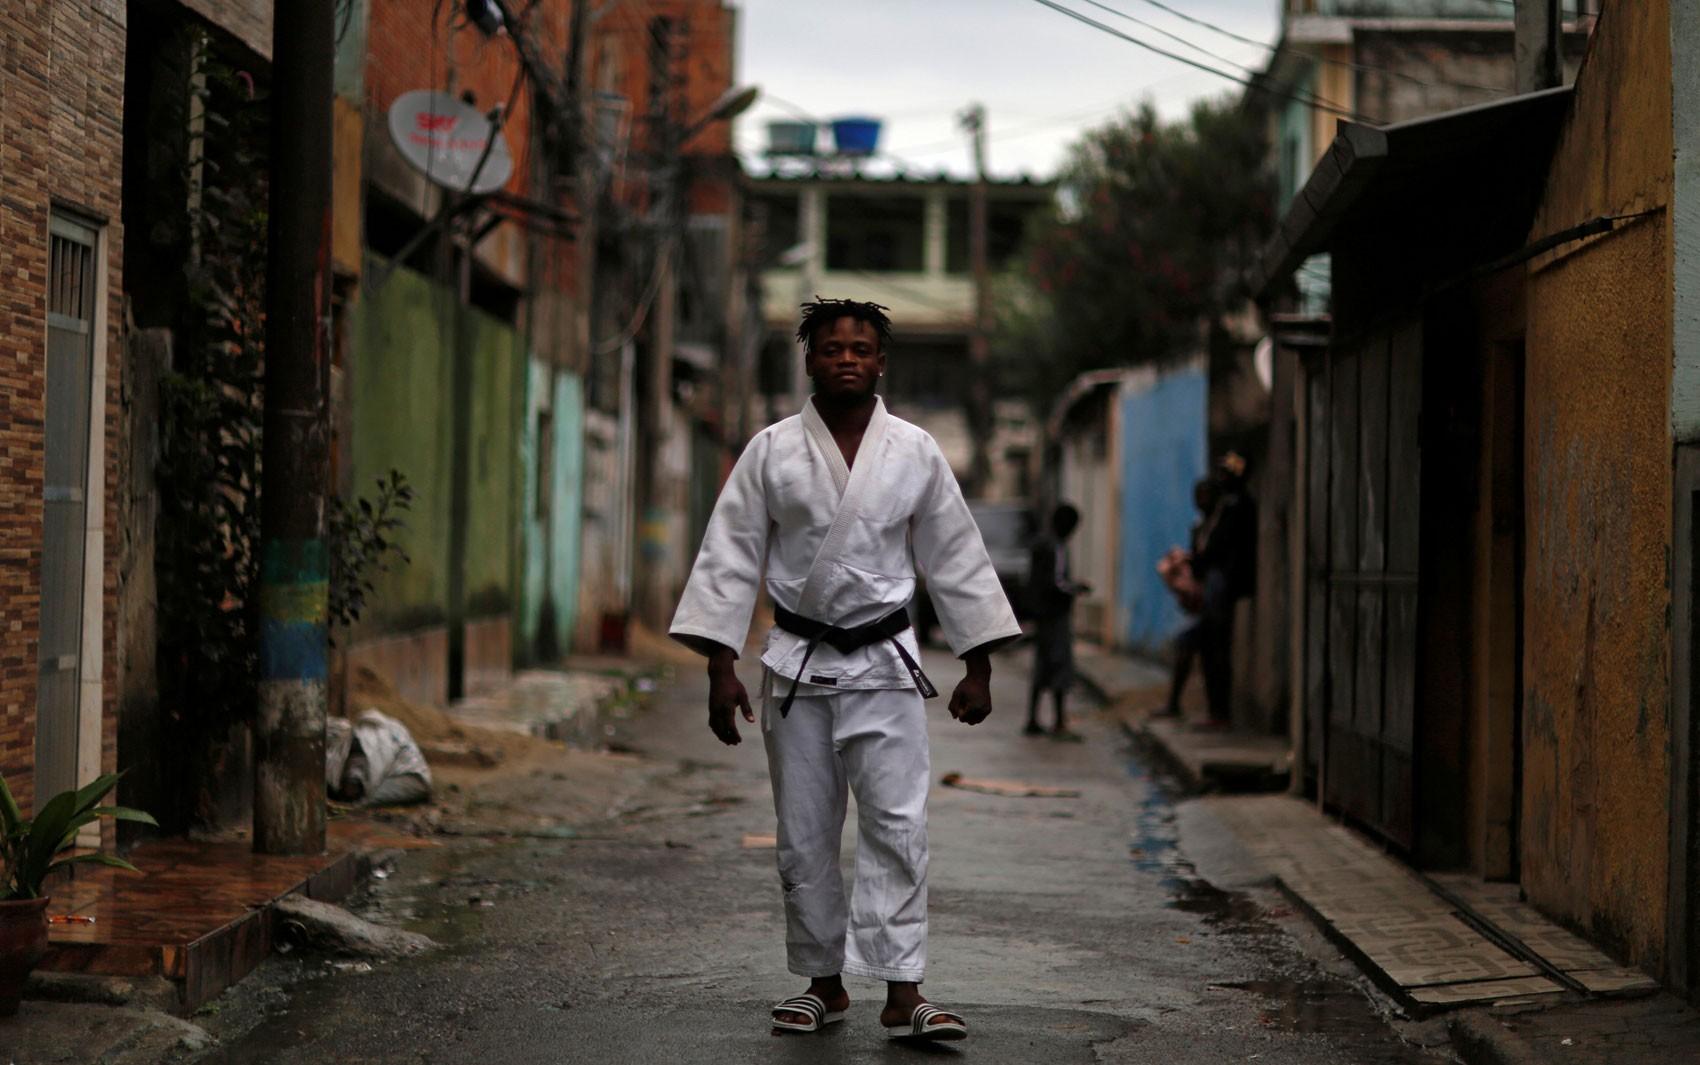 Refugiado congolês que vive no Rio de Janeiro perde nas Olimpíadas; conheça o judoca Popole Misenga